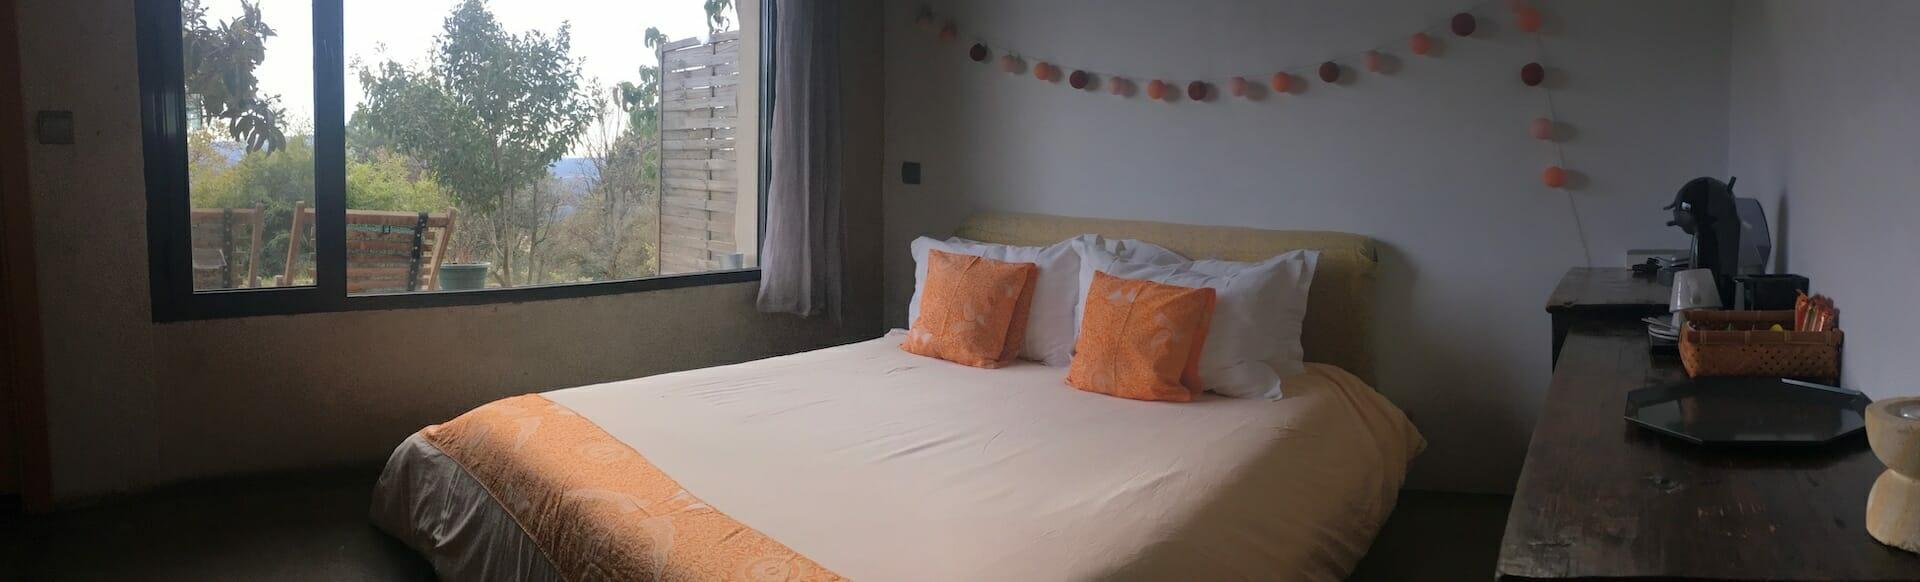 habitacion 1 cama mueble vistas